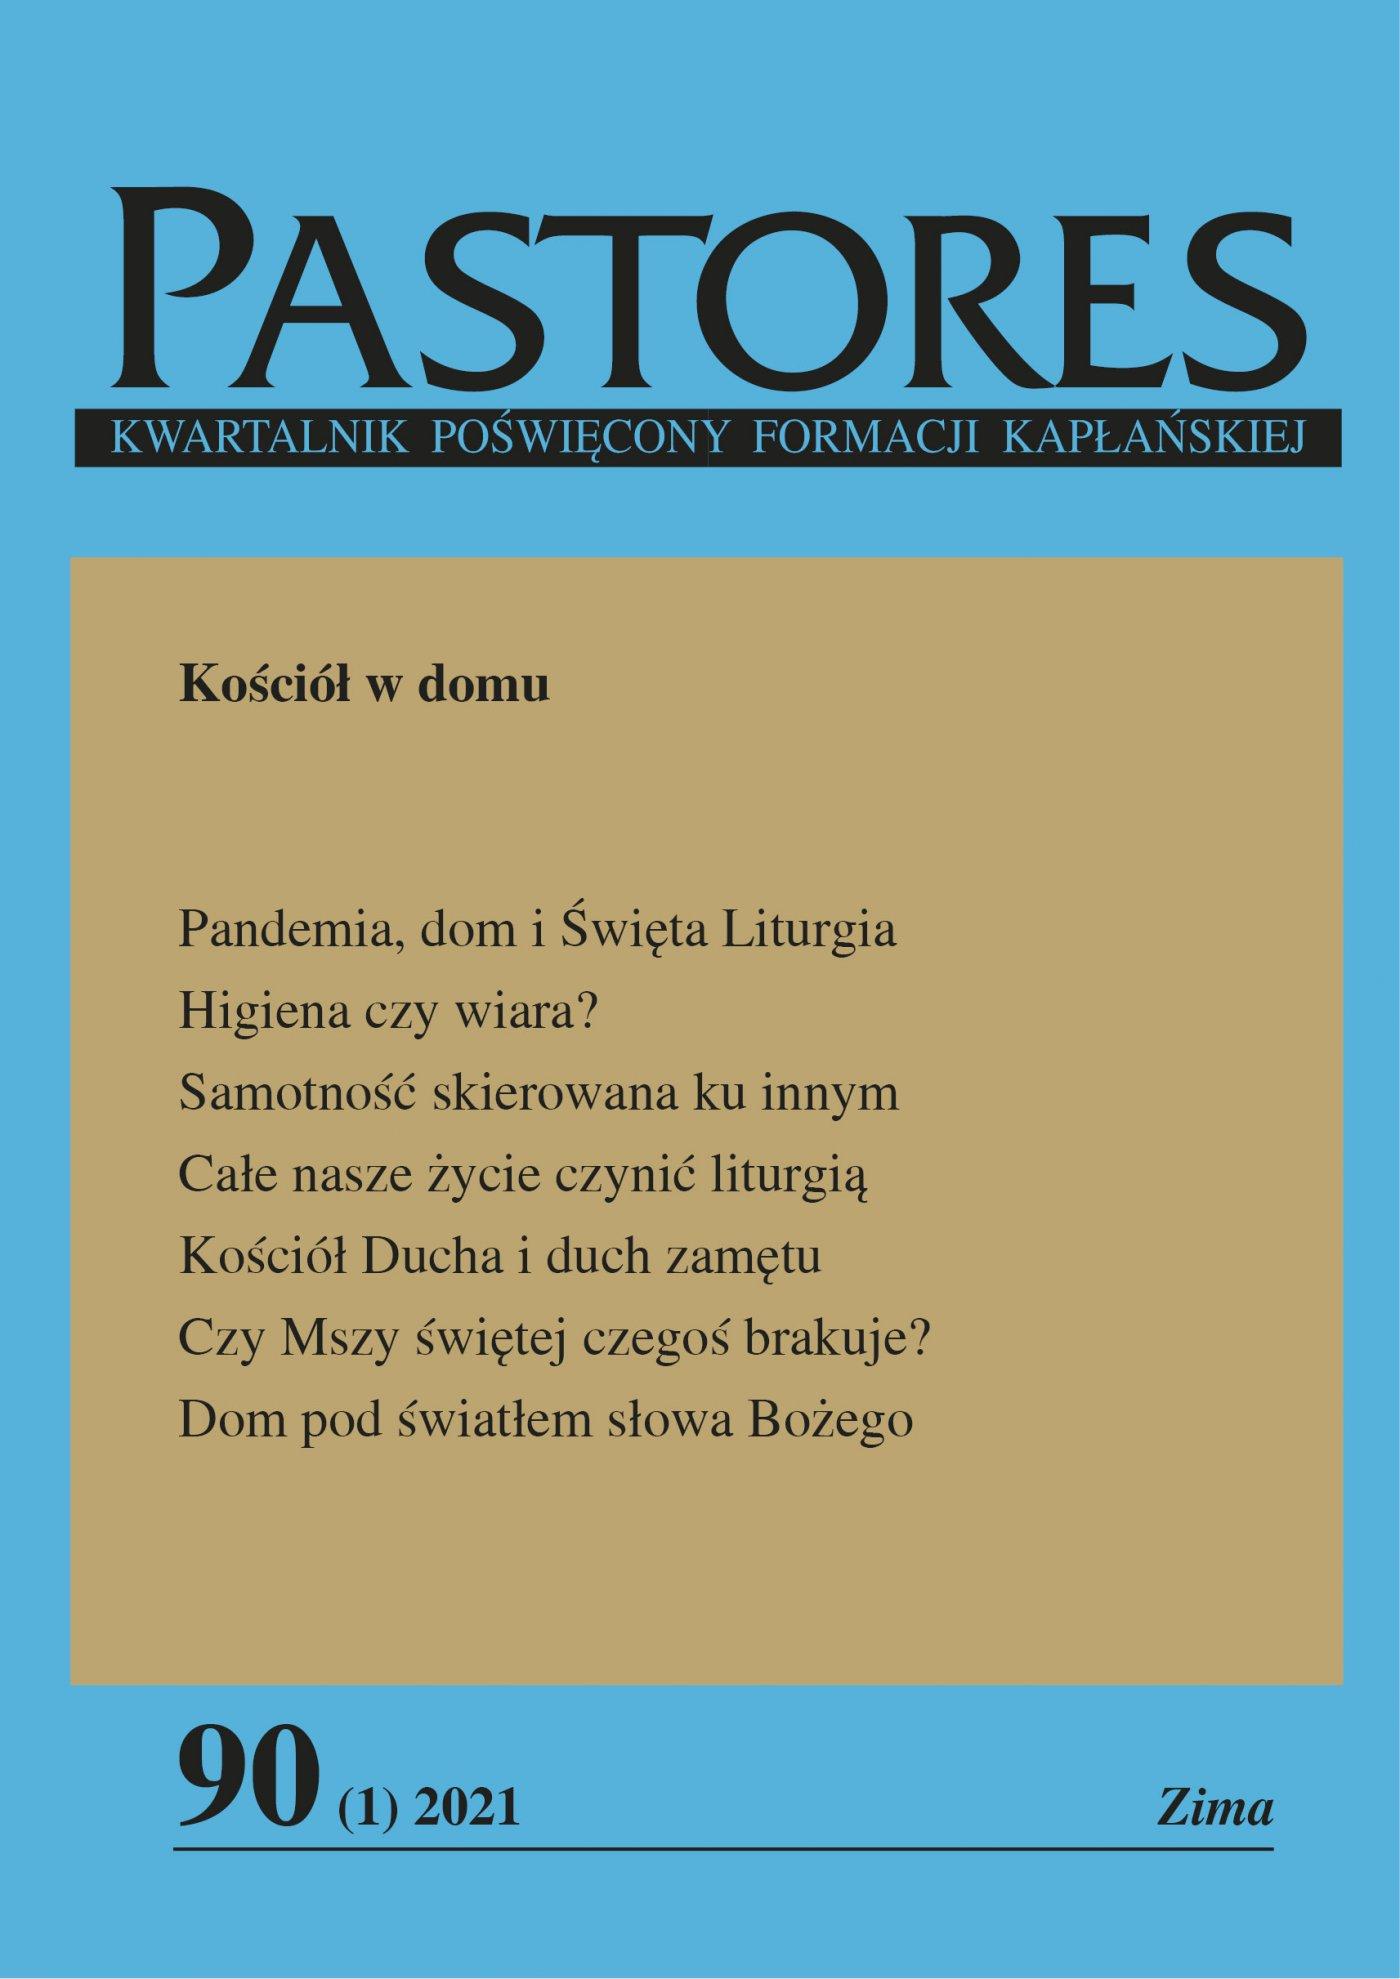 Pastores 90 (1) 2021 - Ebook (Książka EPUB) do pobrania w formacie EPUB